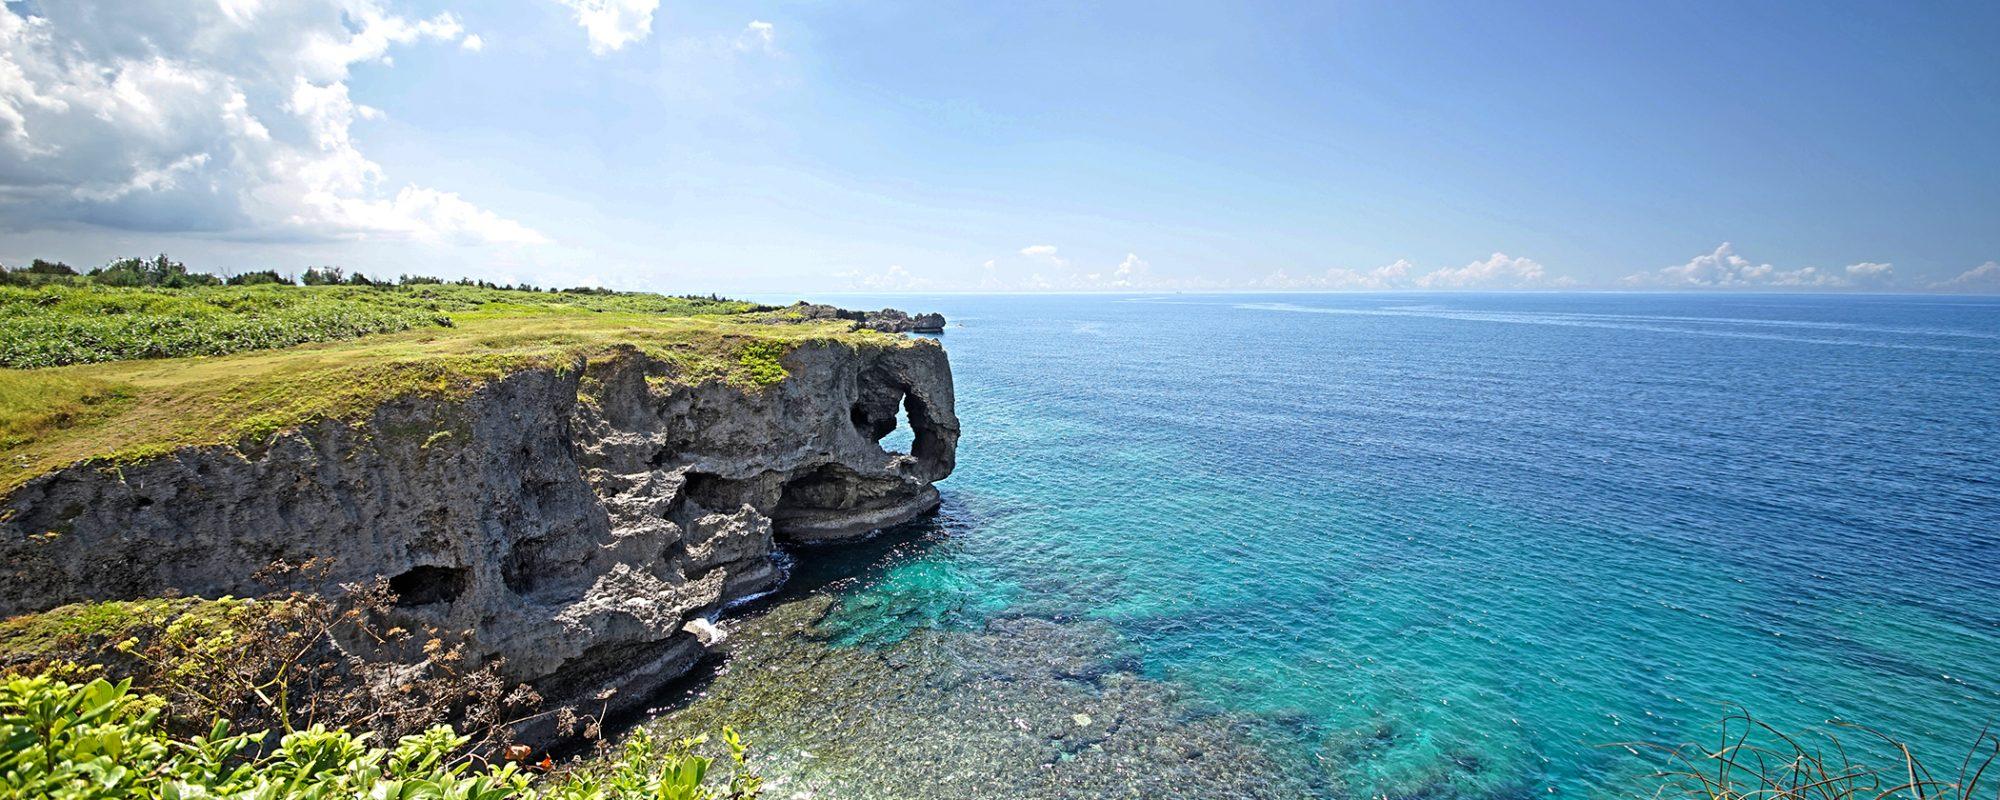 沖縄の絶景写真 万座毛